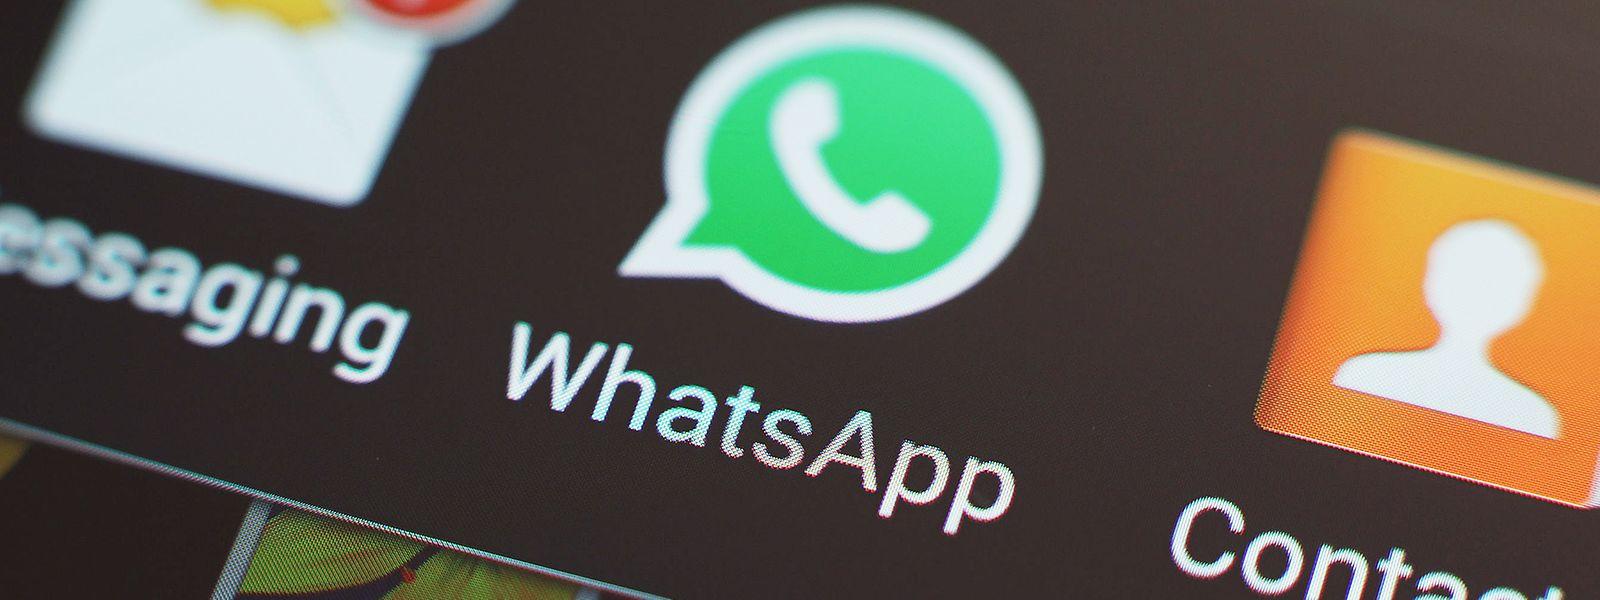 Die Anwendung Whatsapp gilt derzeit als eine der beliebtesten Smartphone-Apps überhaupt.